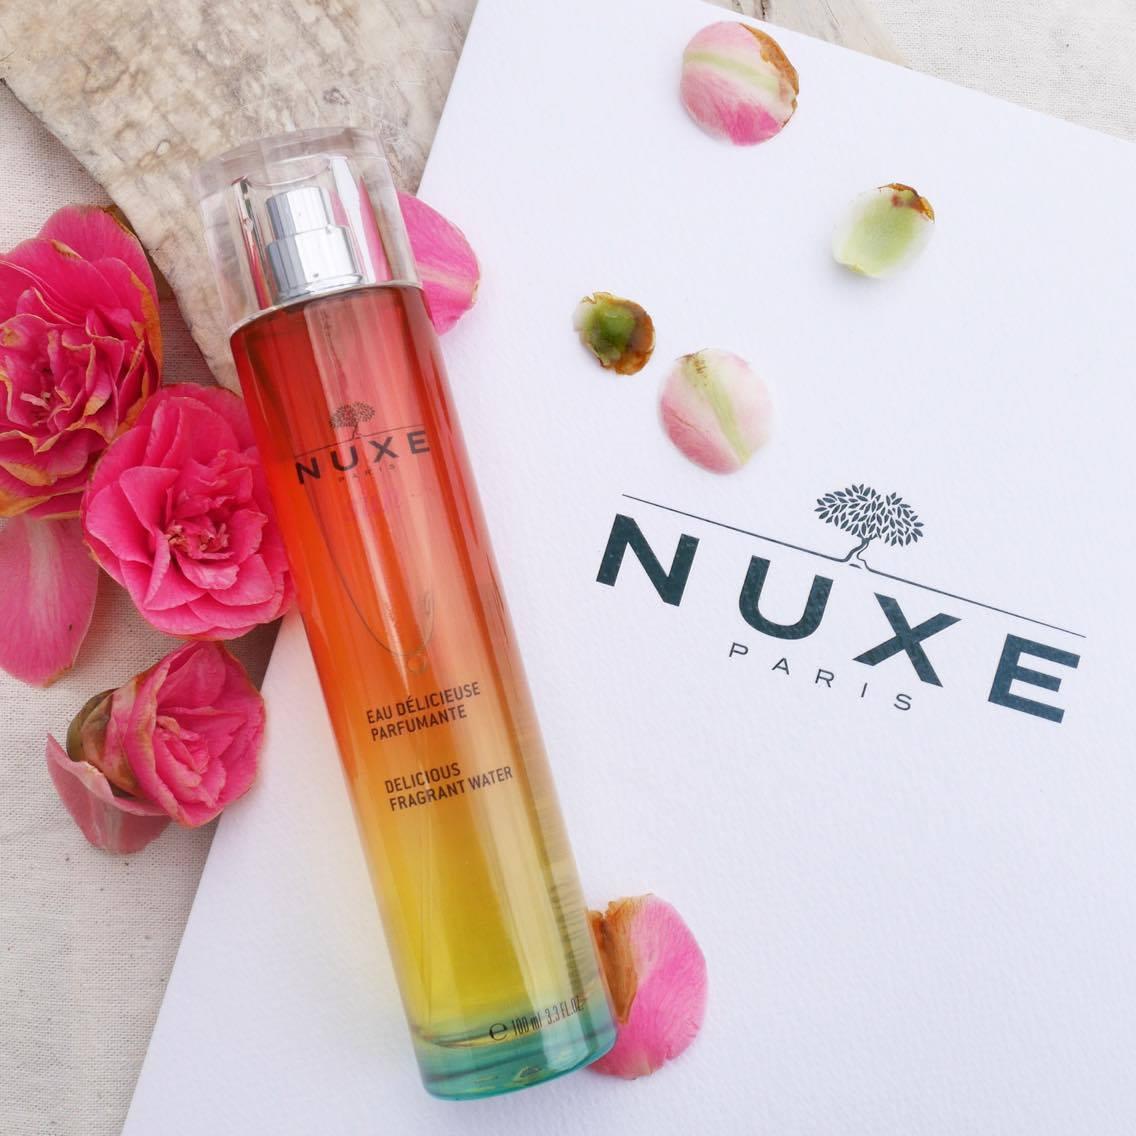 L'eau parfumante Nuxe Sun